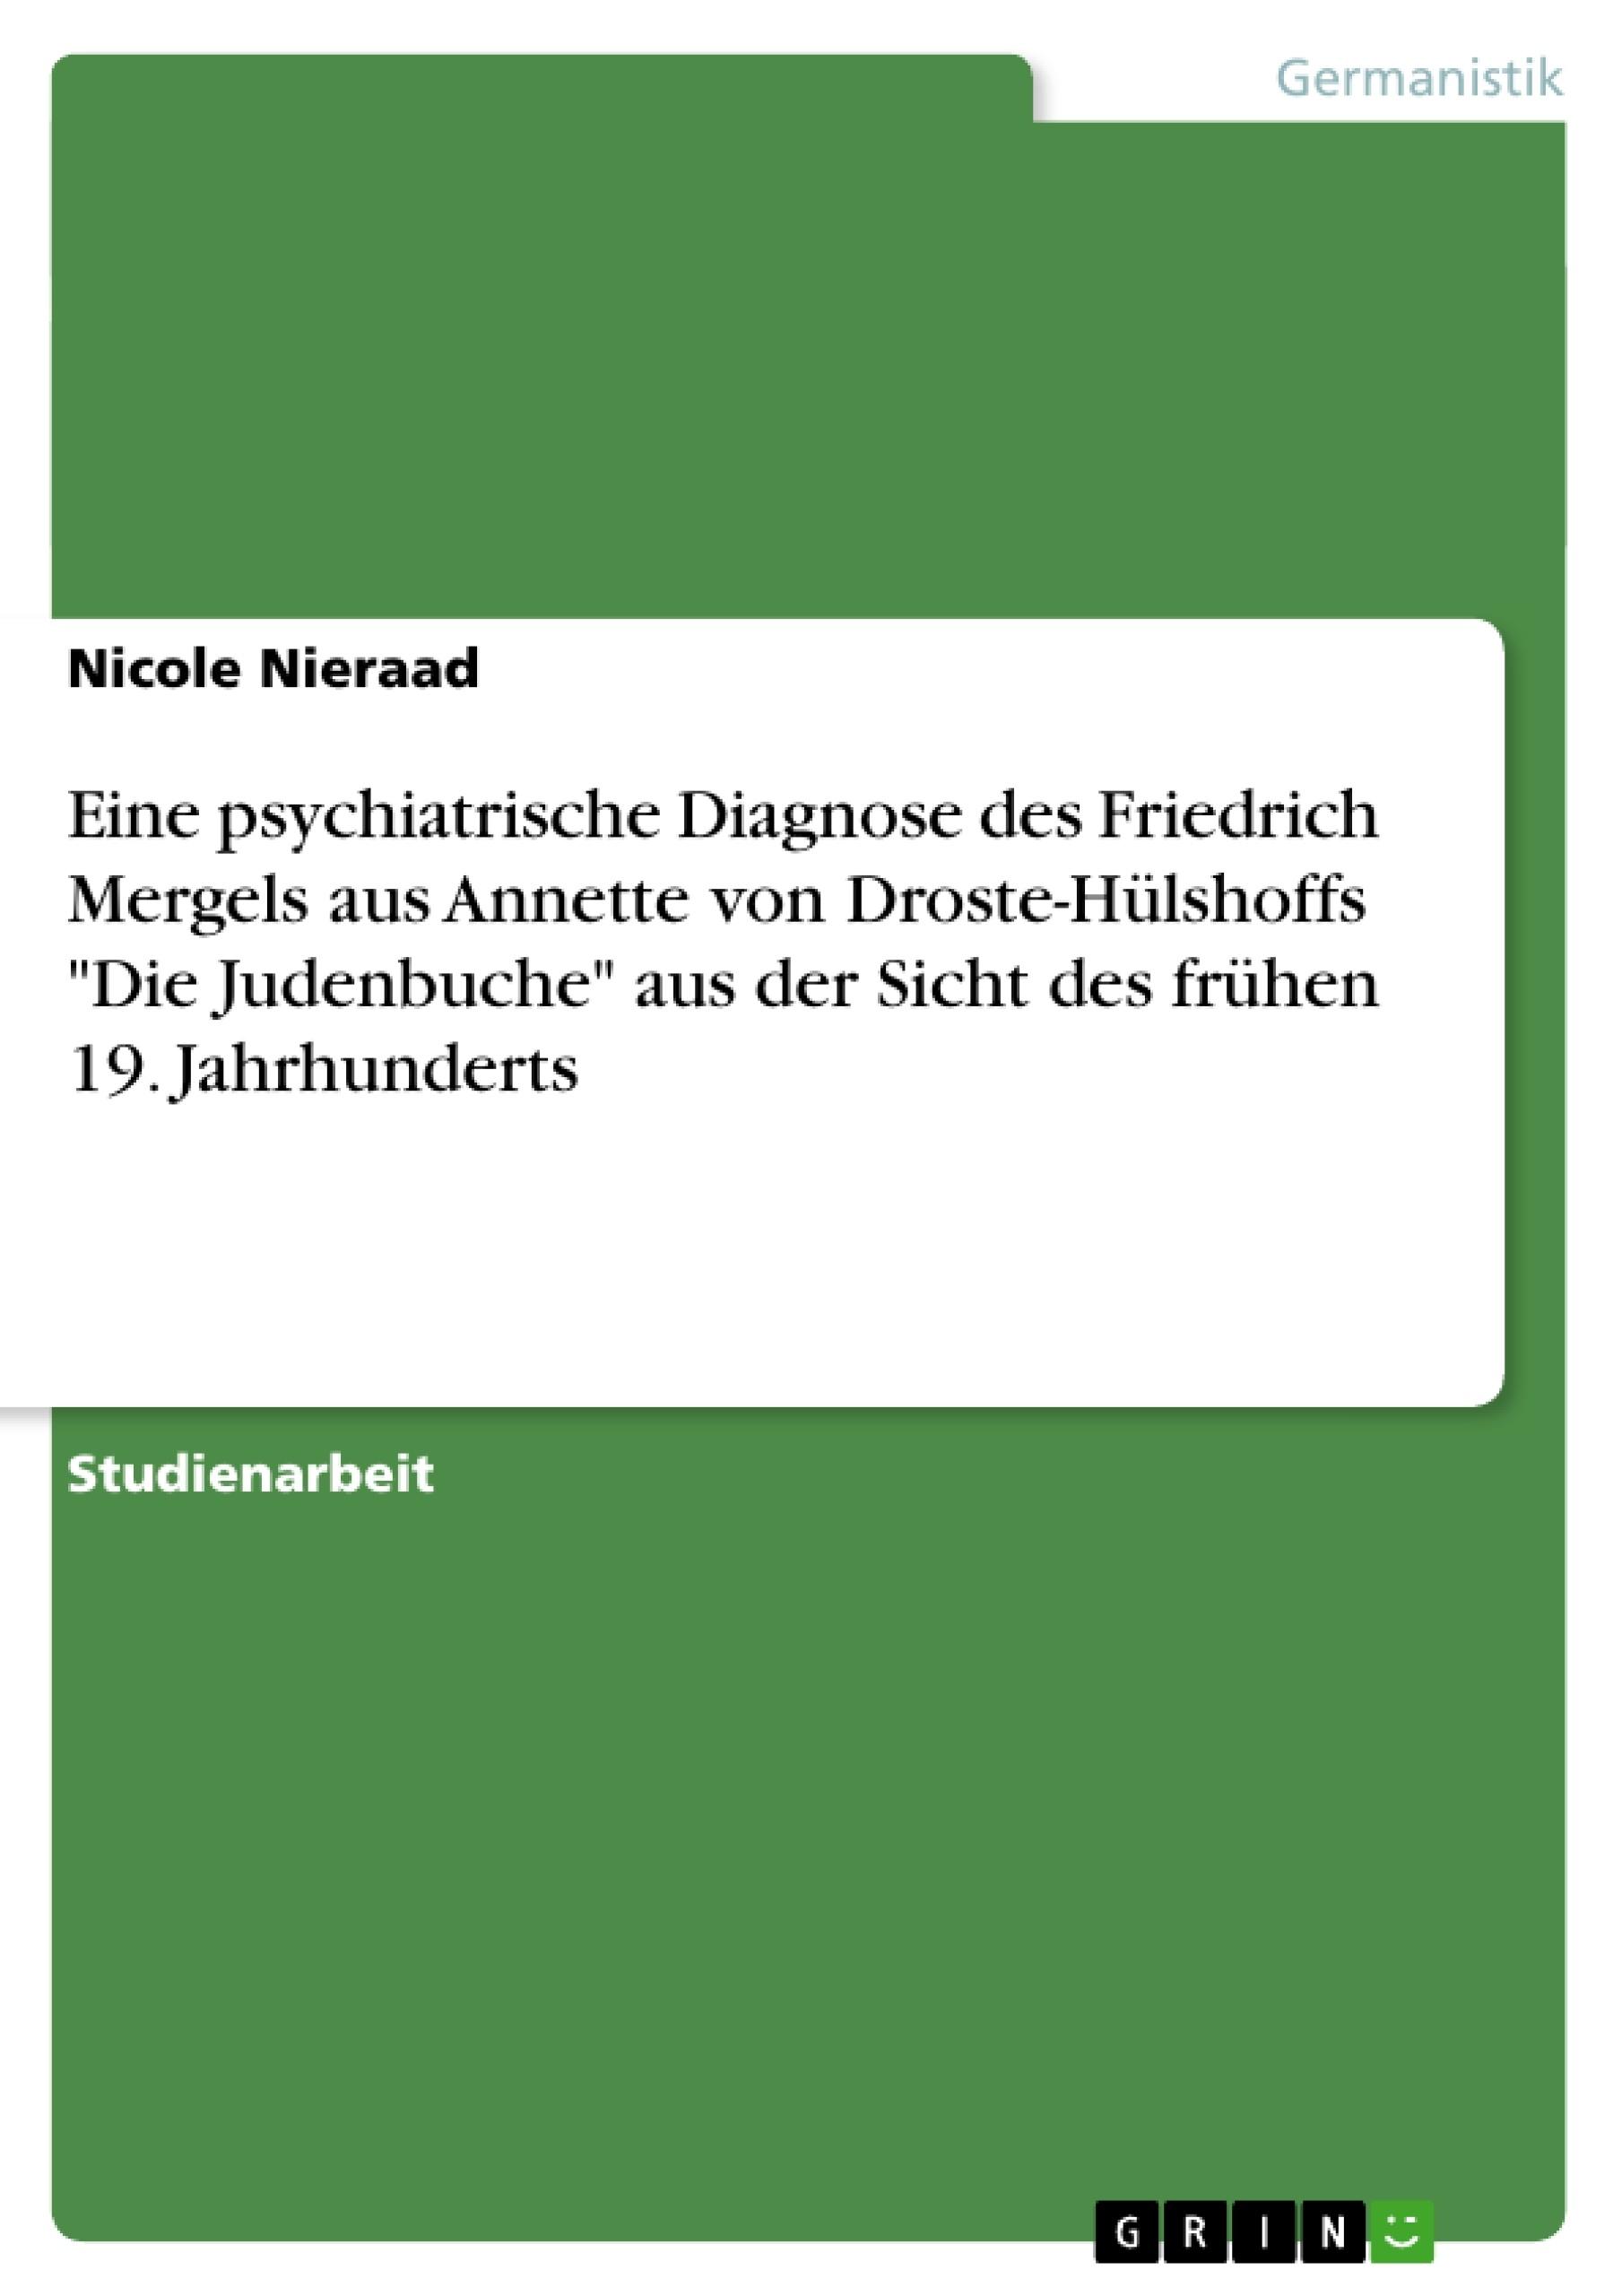 """Titel: Eine psychiatrische Diagnose des Friedrich Mergels aus Annette von Droste-Hülshoffs """"Die Judenbuche"""" aus der Sicht des frühen 19. Jahrhunderts"""